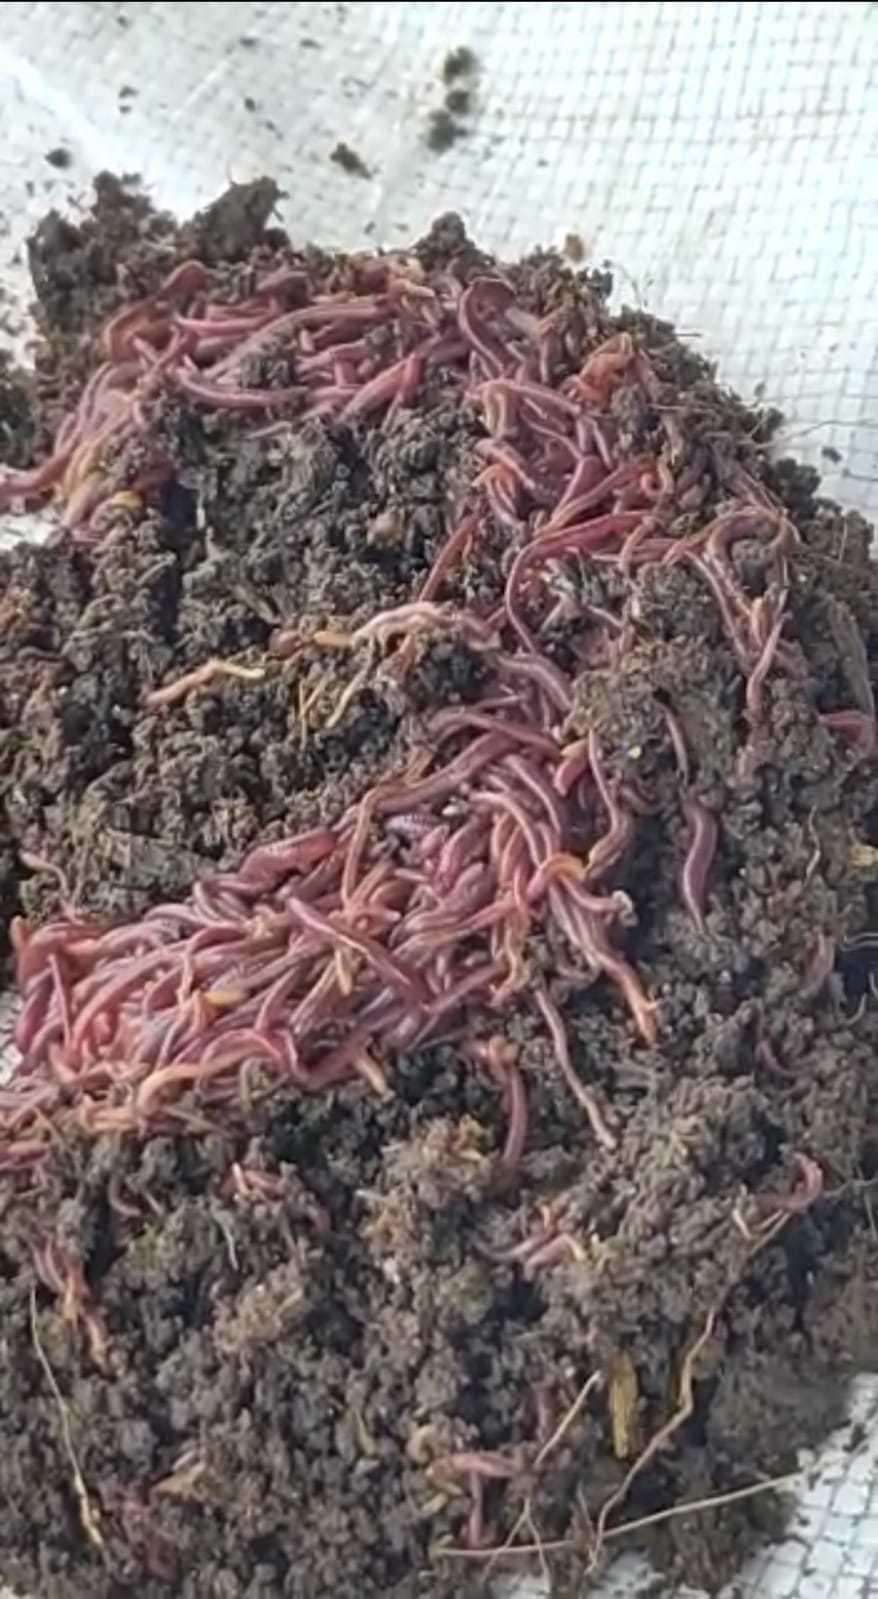 Earth Worm Eisenia foetida